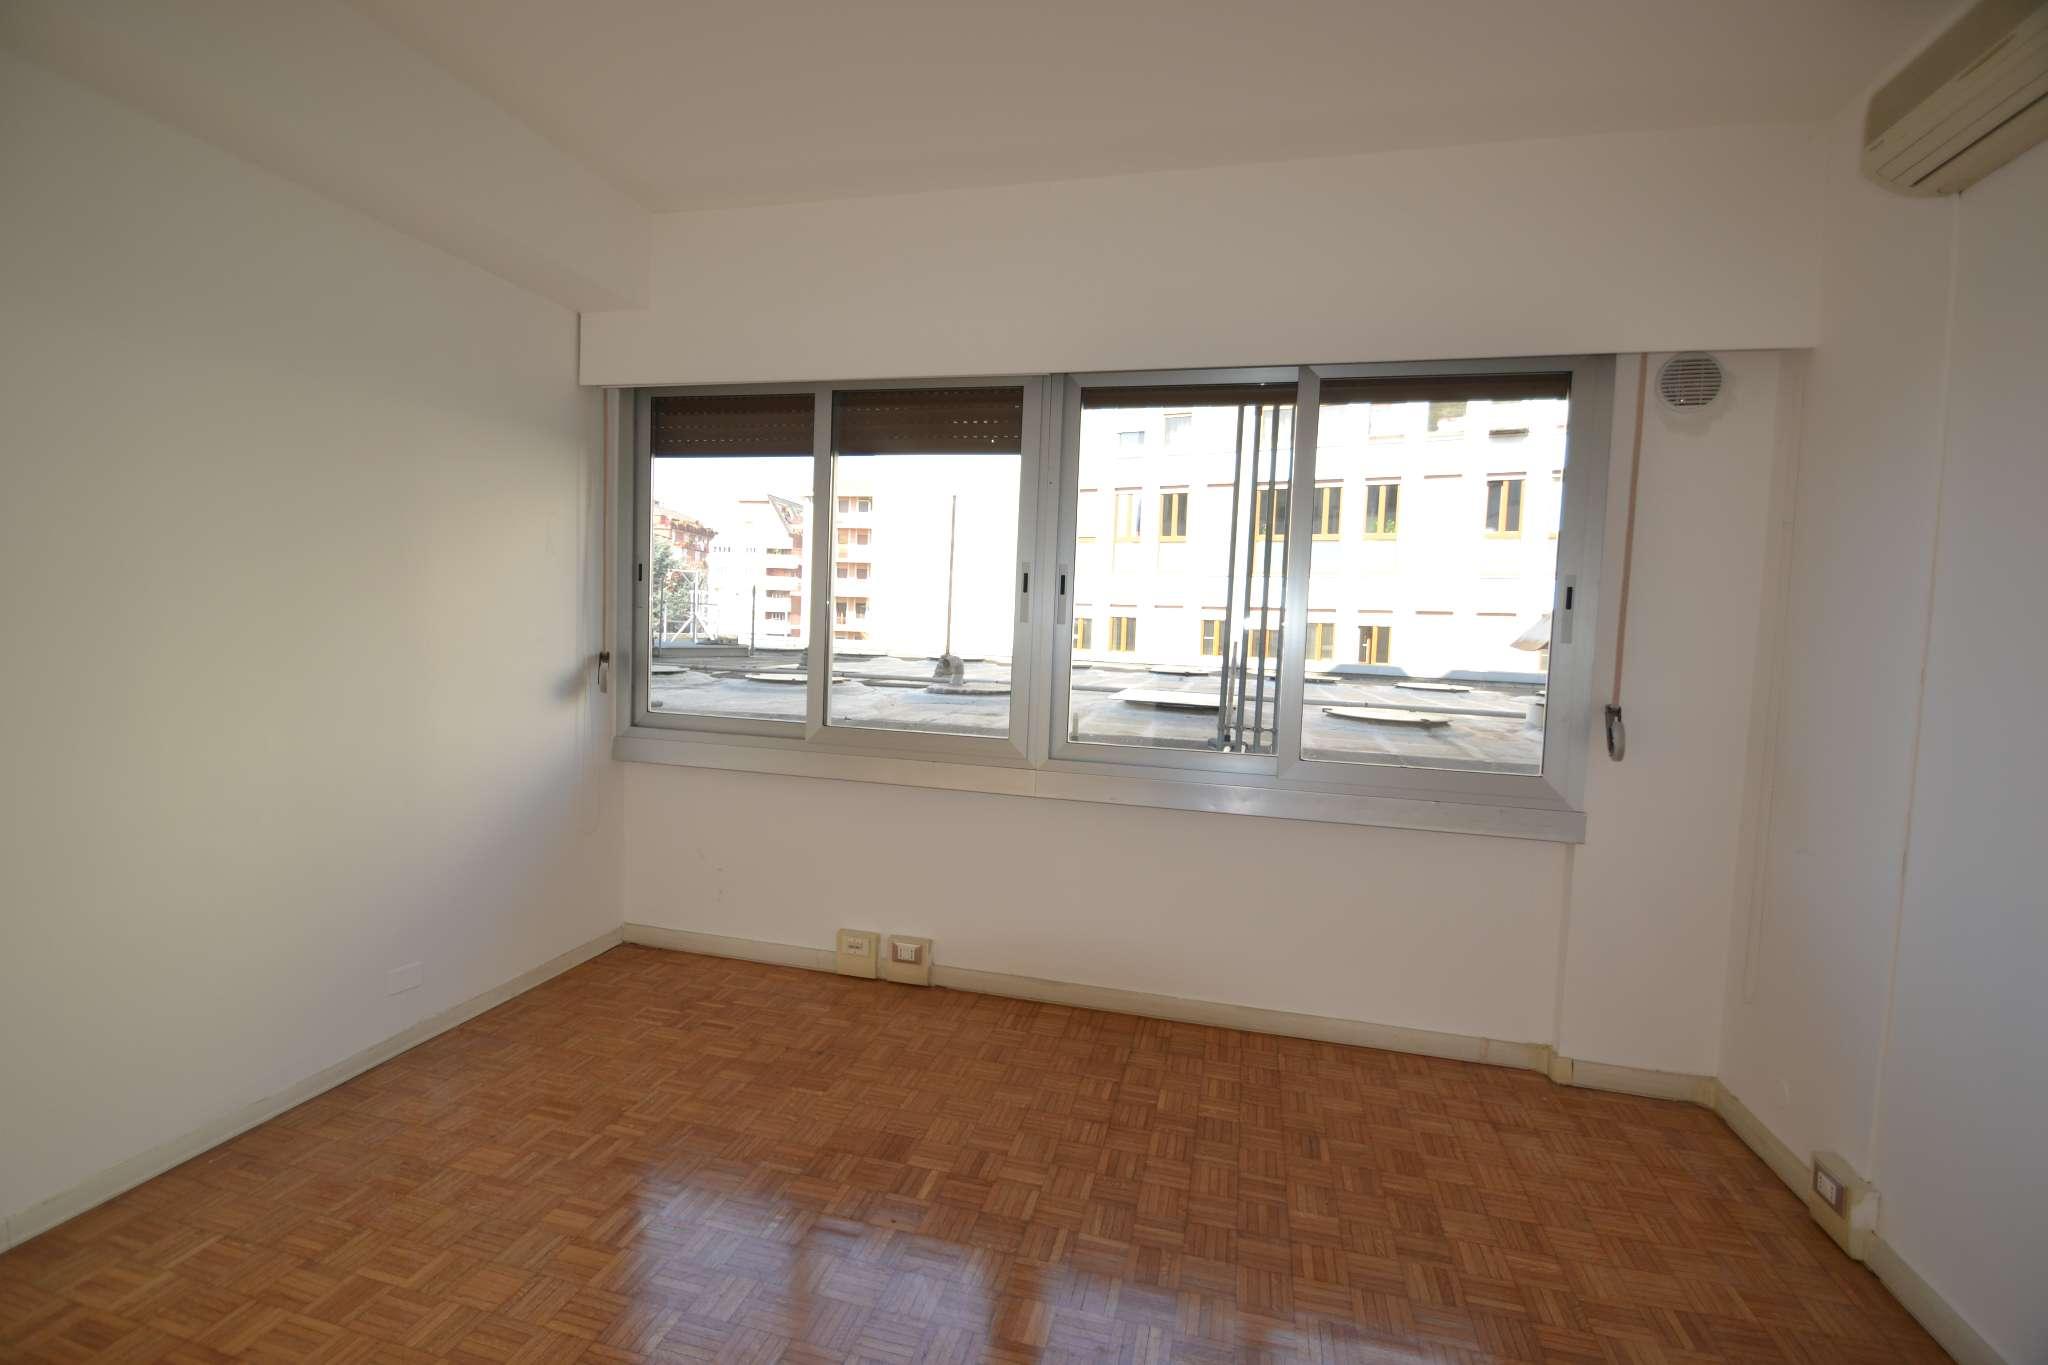 Ufficio / Studio in affitto a Bergamo, 5 locali, prezzo € 1.200 | PortaleAgenzieImmobiliari.it